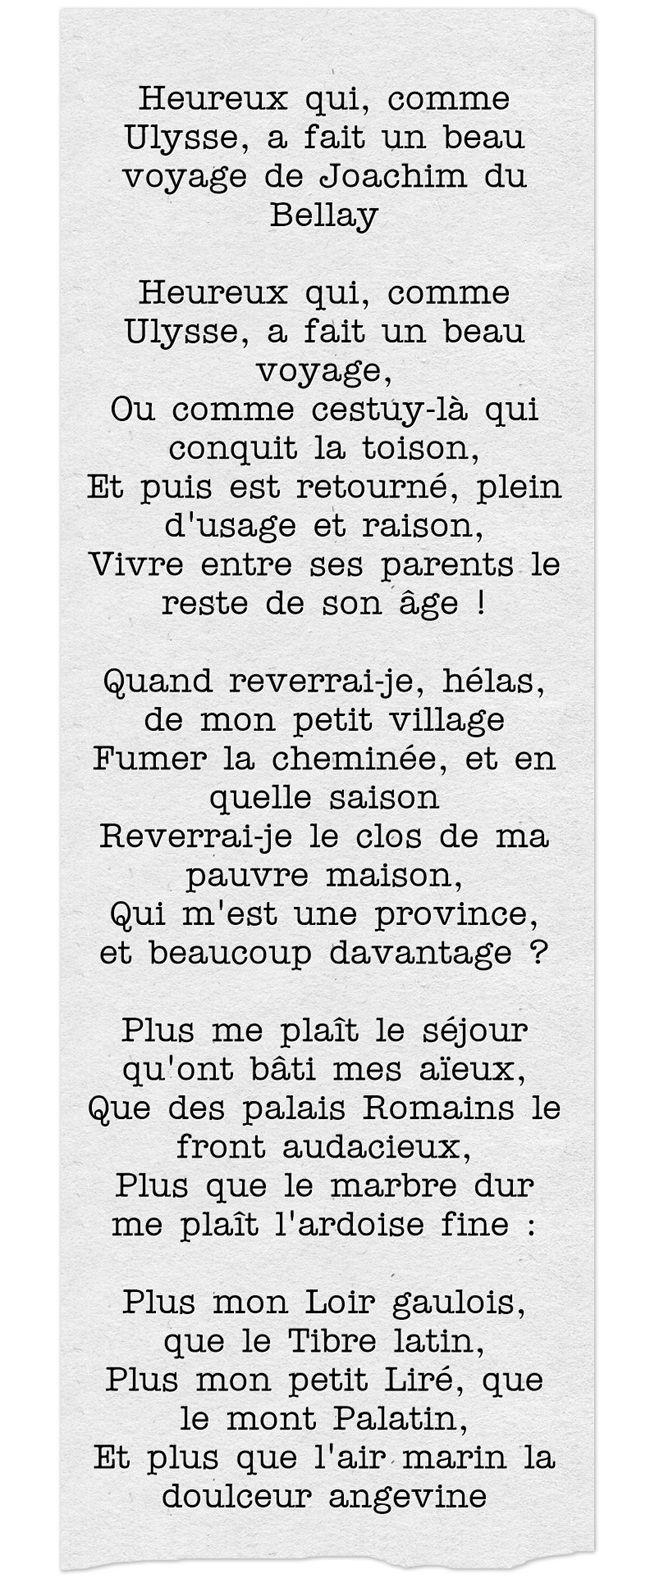 Heureux Qui Comme Ulysse Texte : heureux, comme, ulysse, texte, Heureux, Comme, Ulysse...Joachim, Bellay, Poeme,, Texte,, Poesie